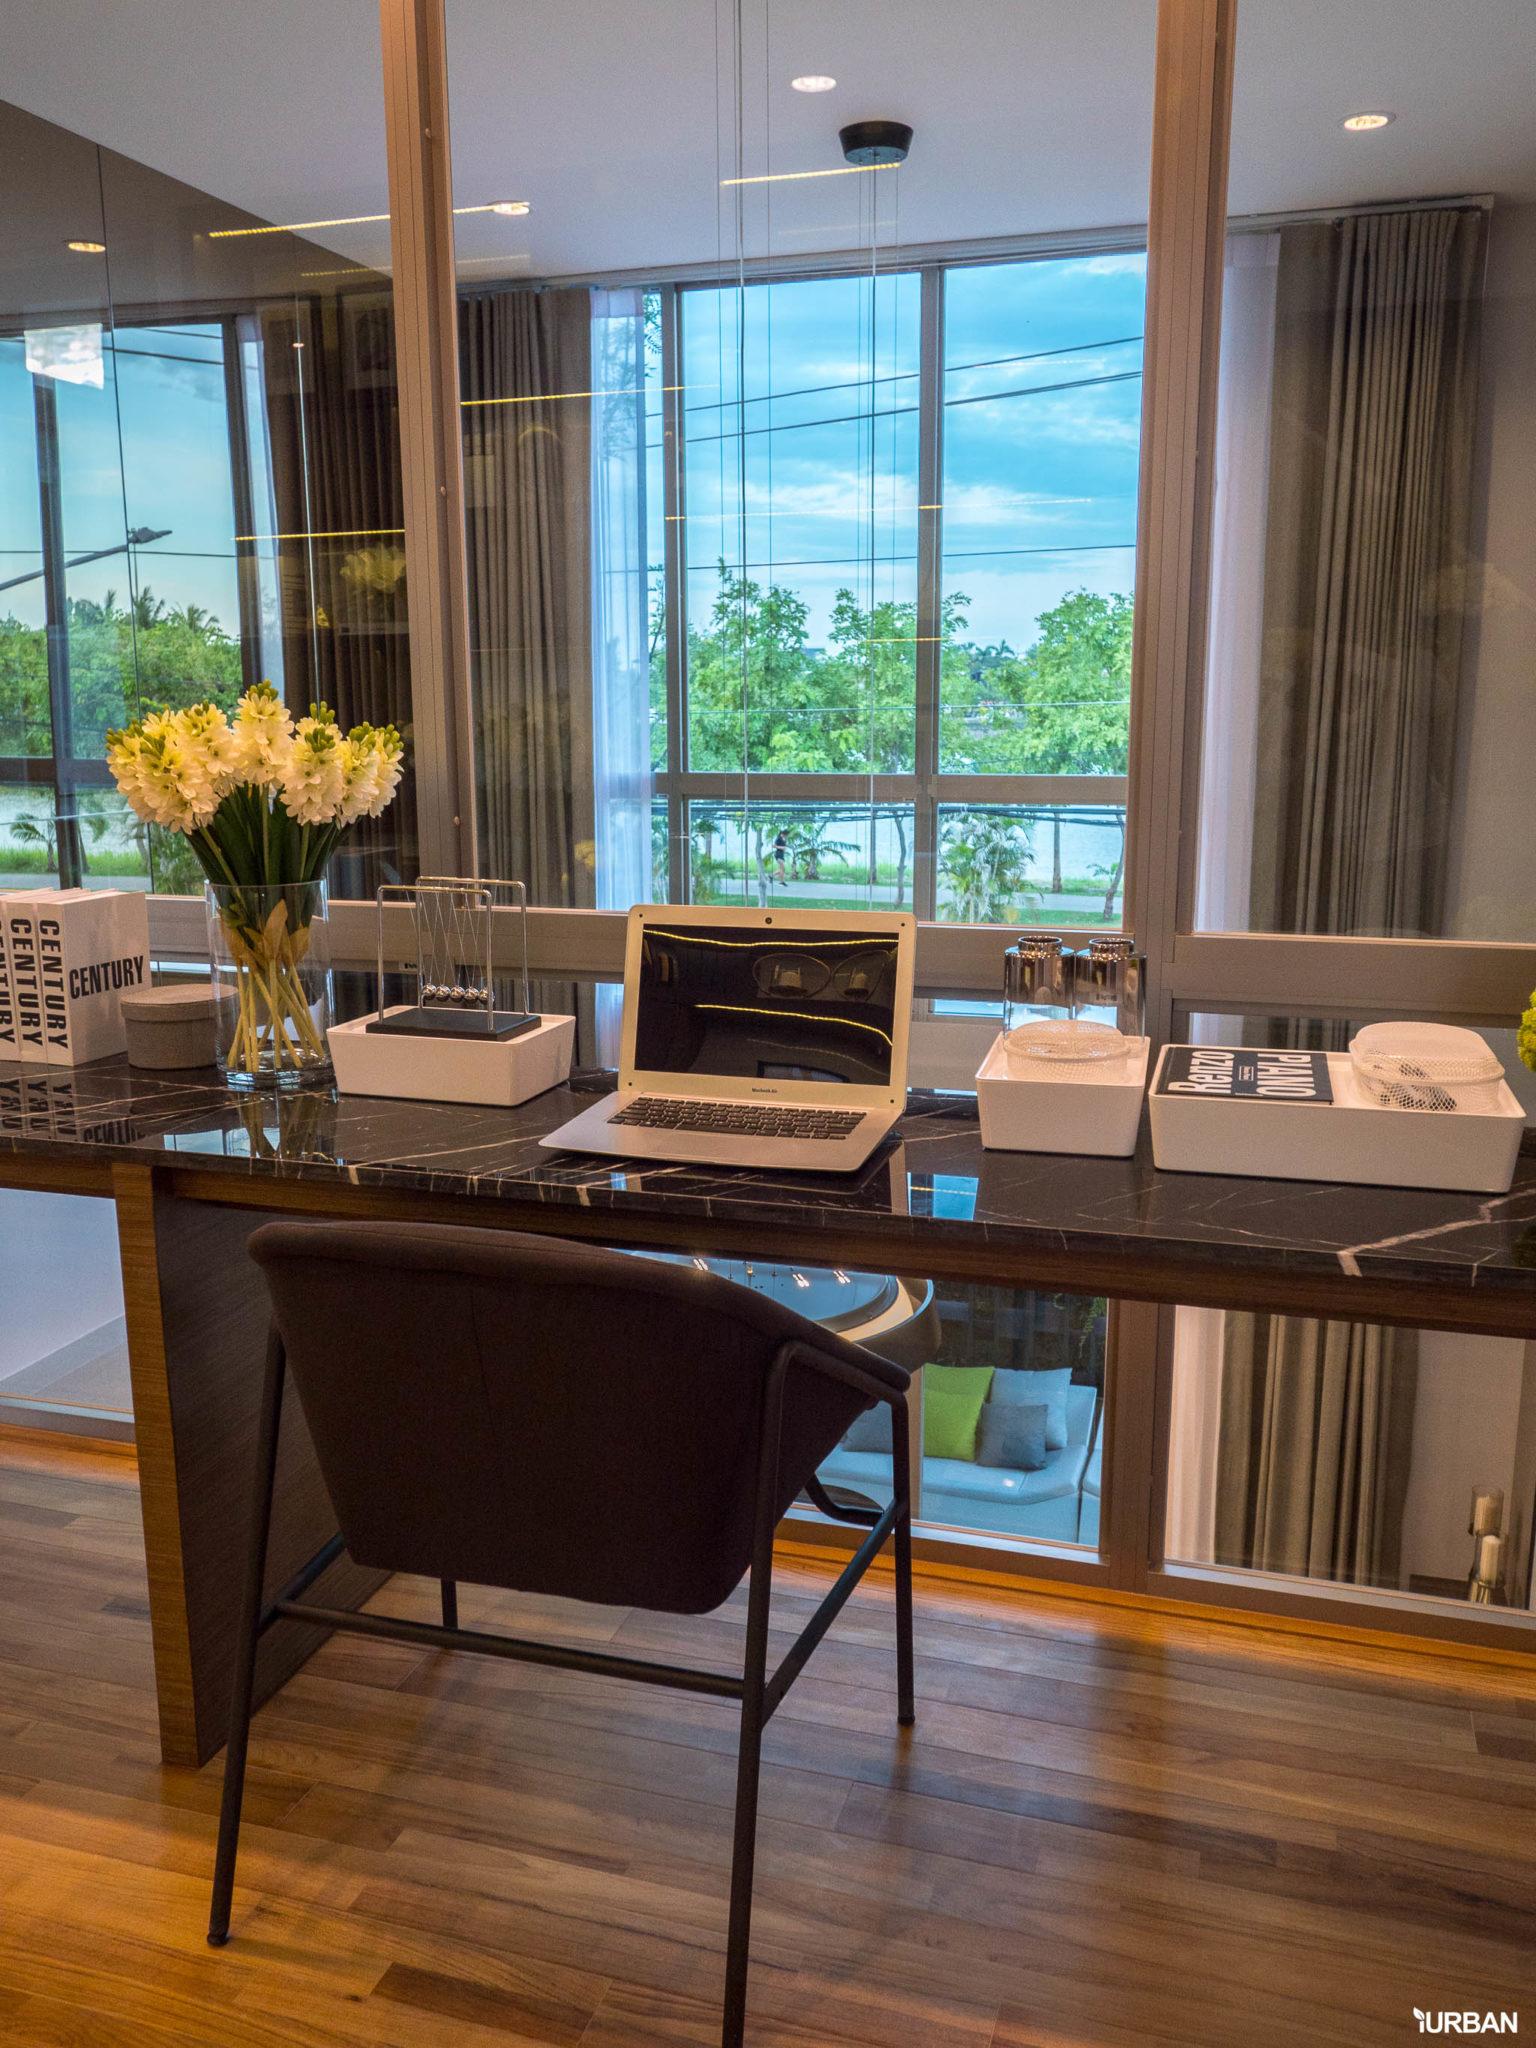 รีวิว Nirvana BEYOND Udonthani บ้านเดี่ยว 3 ชั้น ดีไซน์บิดสุดโมเดิร์น บนที่ดินสุดท้ายหน้าหนองประจักษ์ 105 - Luxury